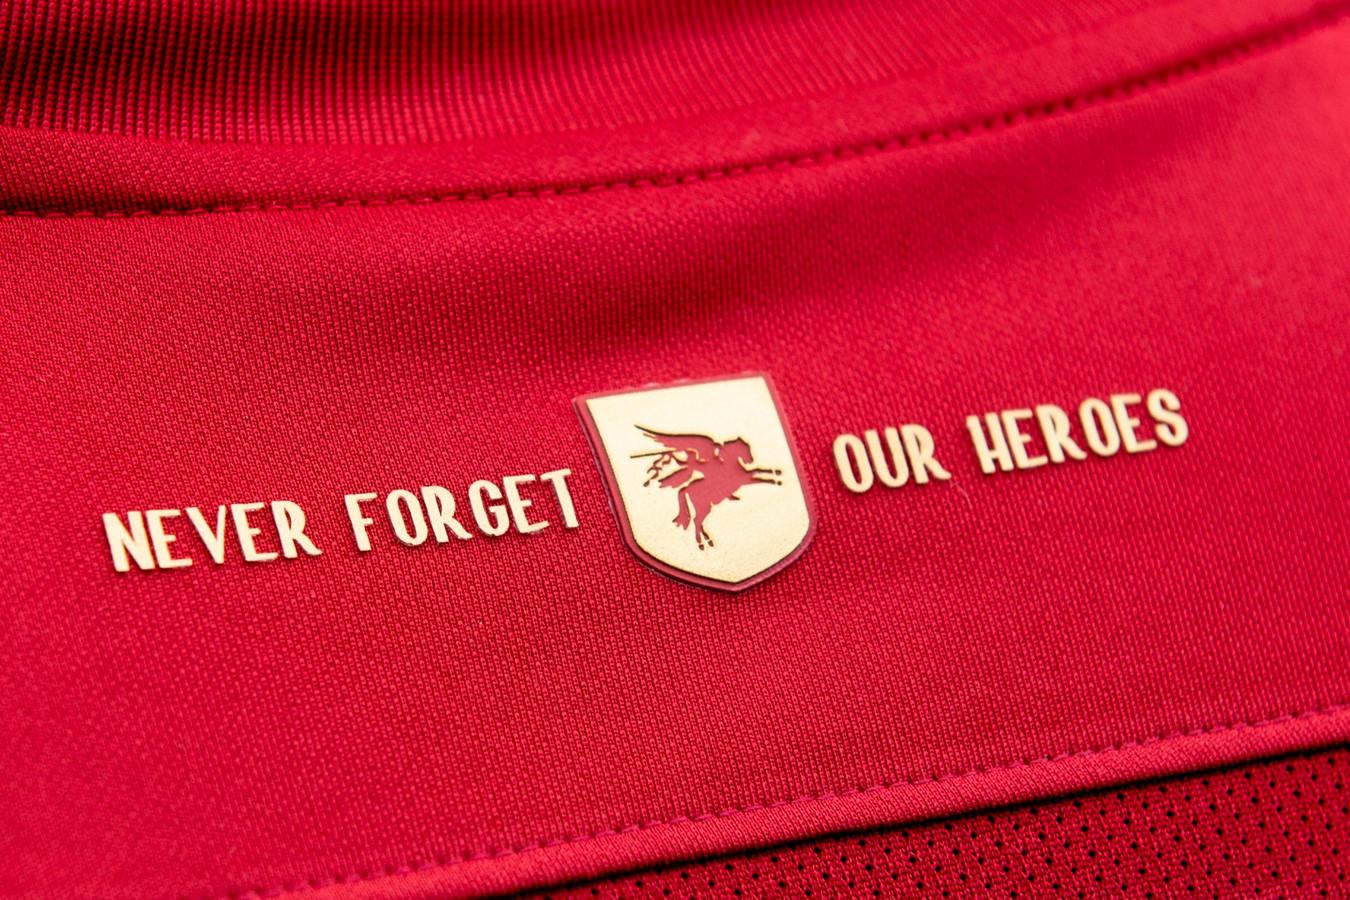 De gouden accenten van het nieuwe Airborne-shirt. Met in de nek de tekst 'Never forget our heroes' en geen gouden pegasus.